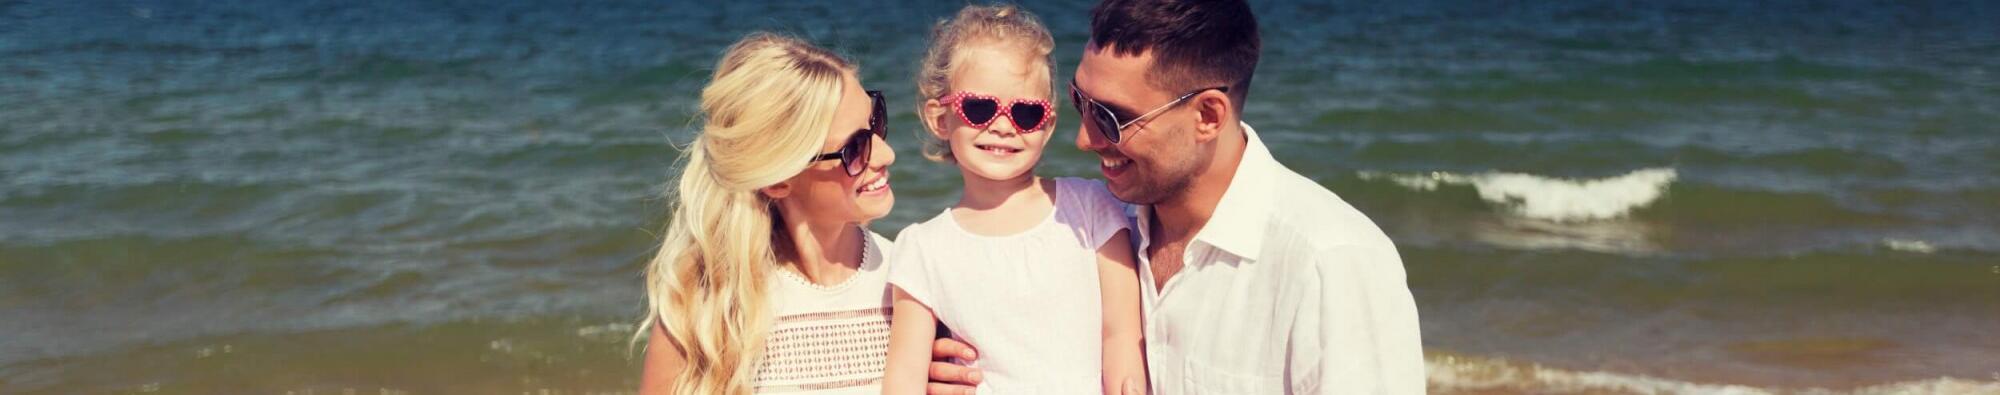 Offerta BIMBO GRATIS: saluta l'estate insieme a noi a Riccione con i tuoi piccoli!